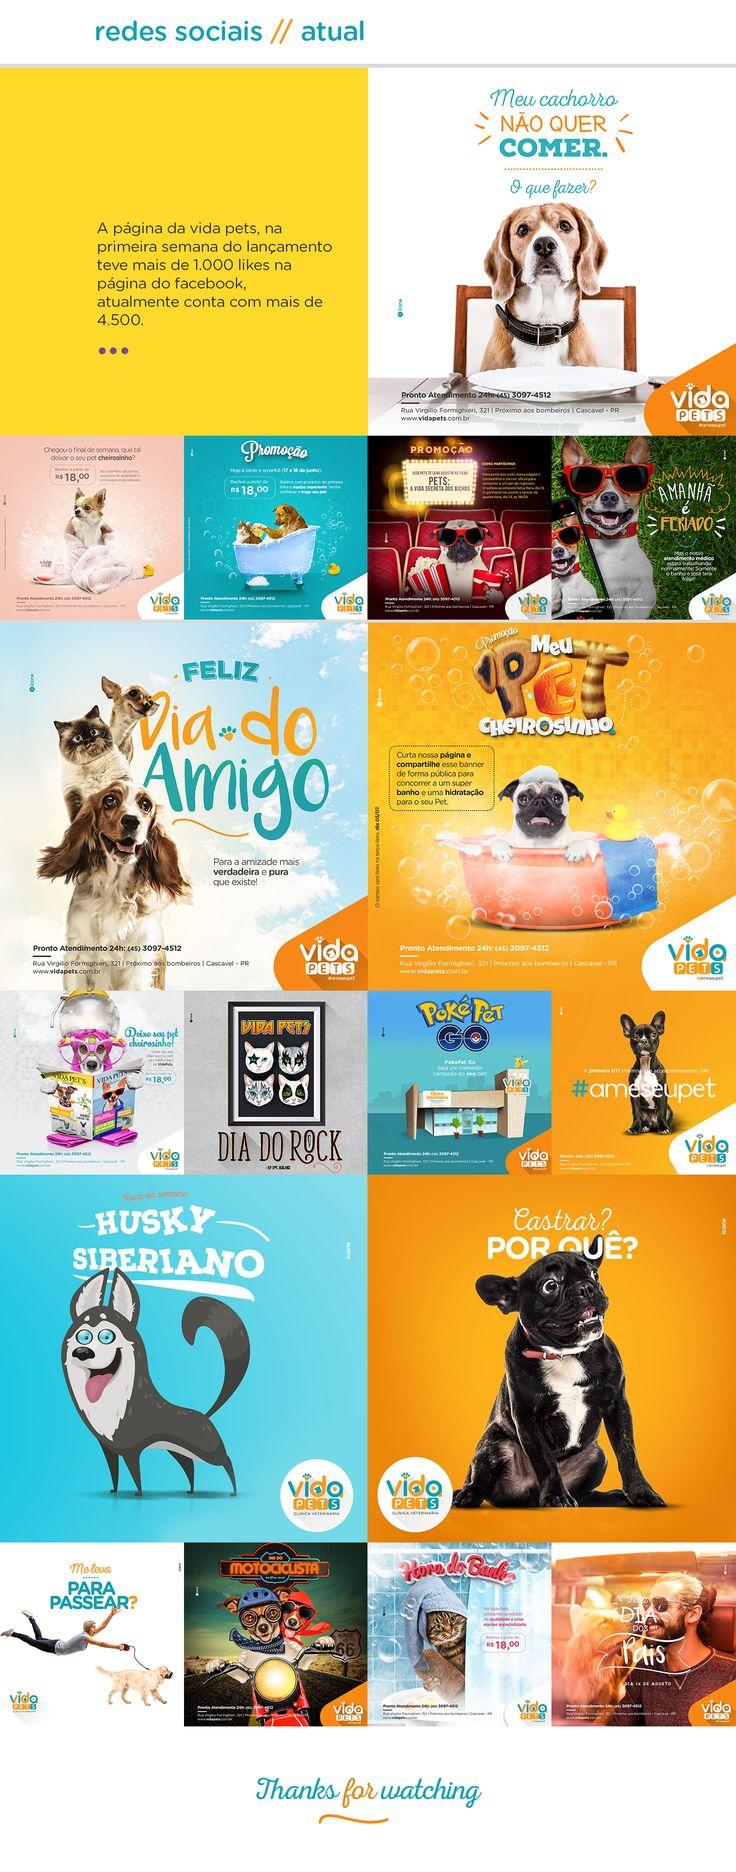 Projeto completo de identidade visual da Clínica Veterinária Vida Pets, clínica localizada em Cascavel, PR.